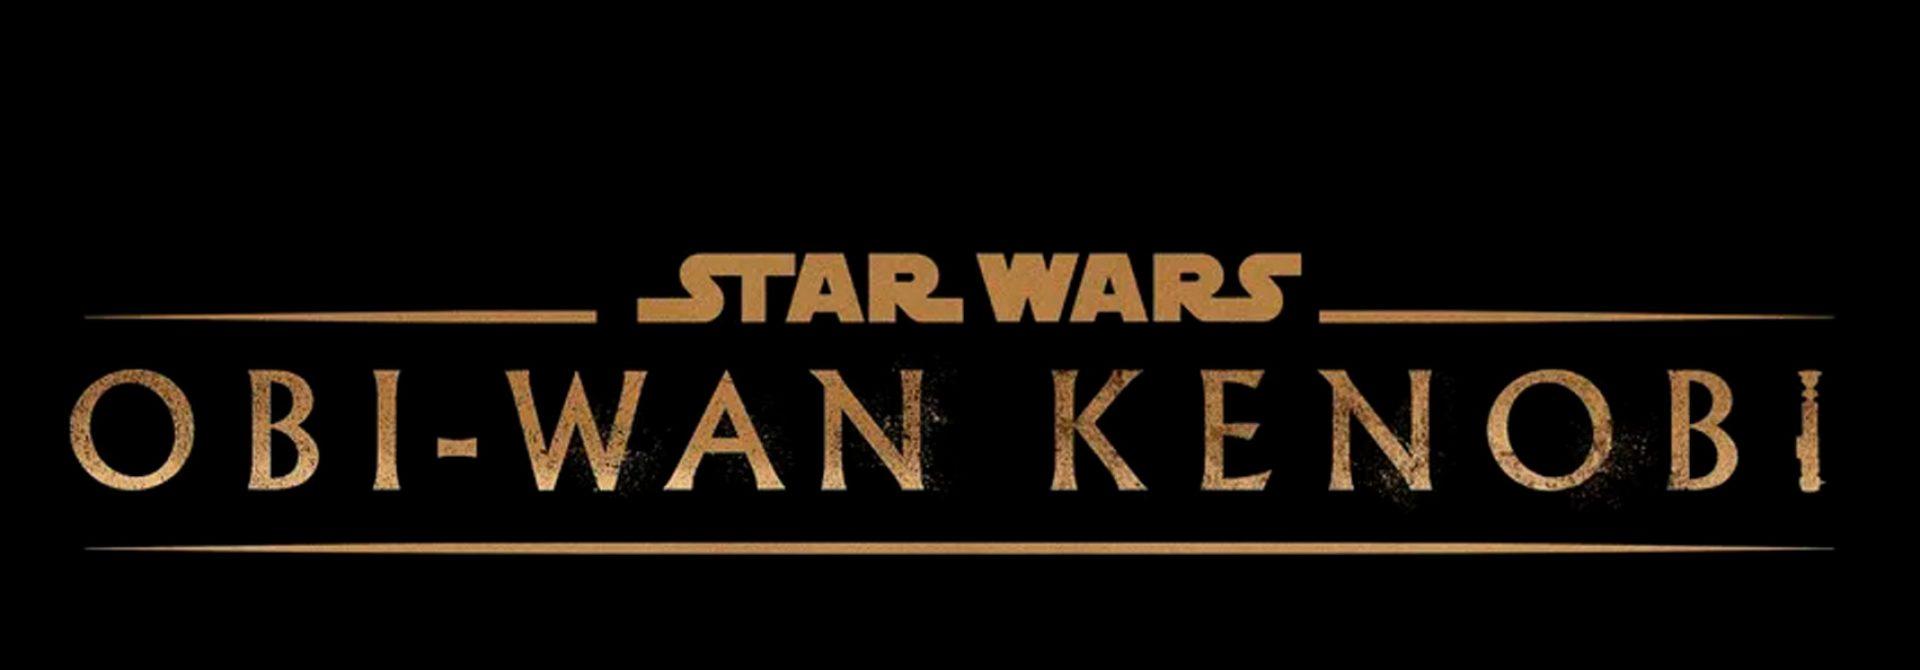 Cast List Revealed For Obi-Wan Kenobi Show